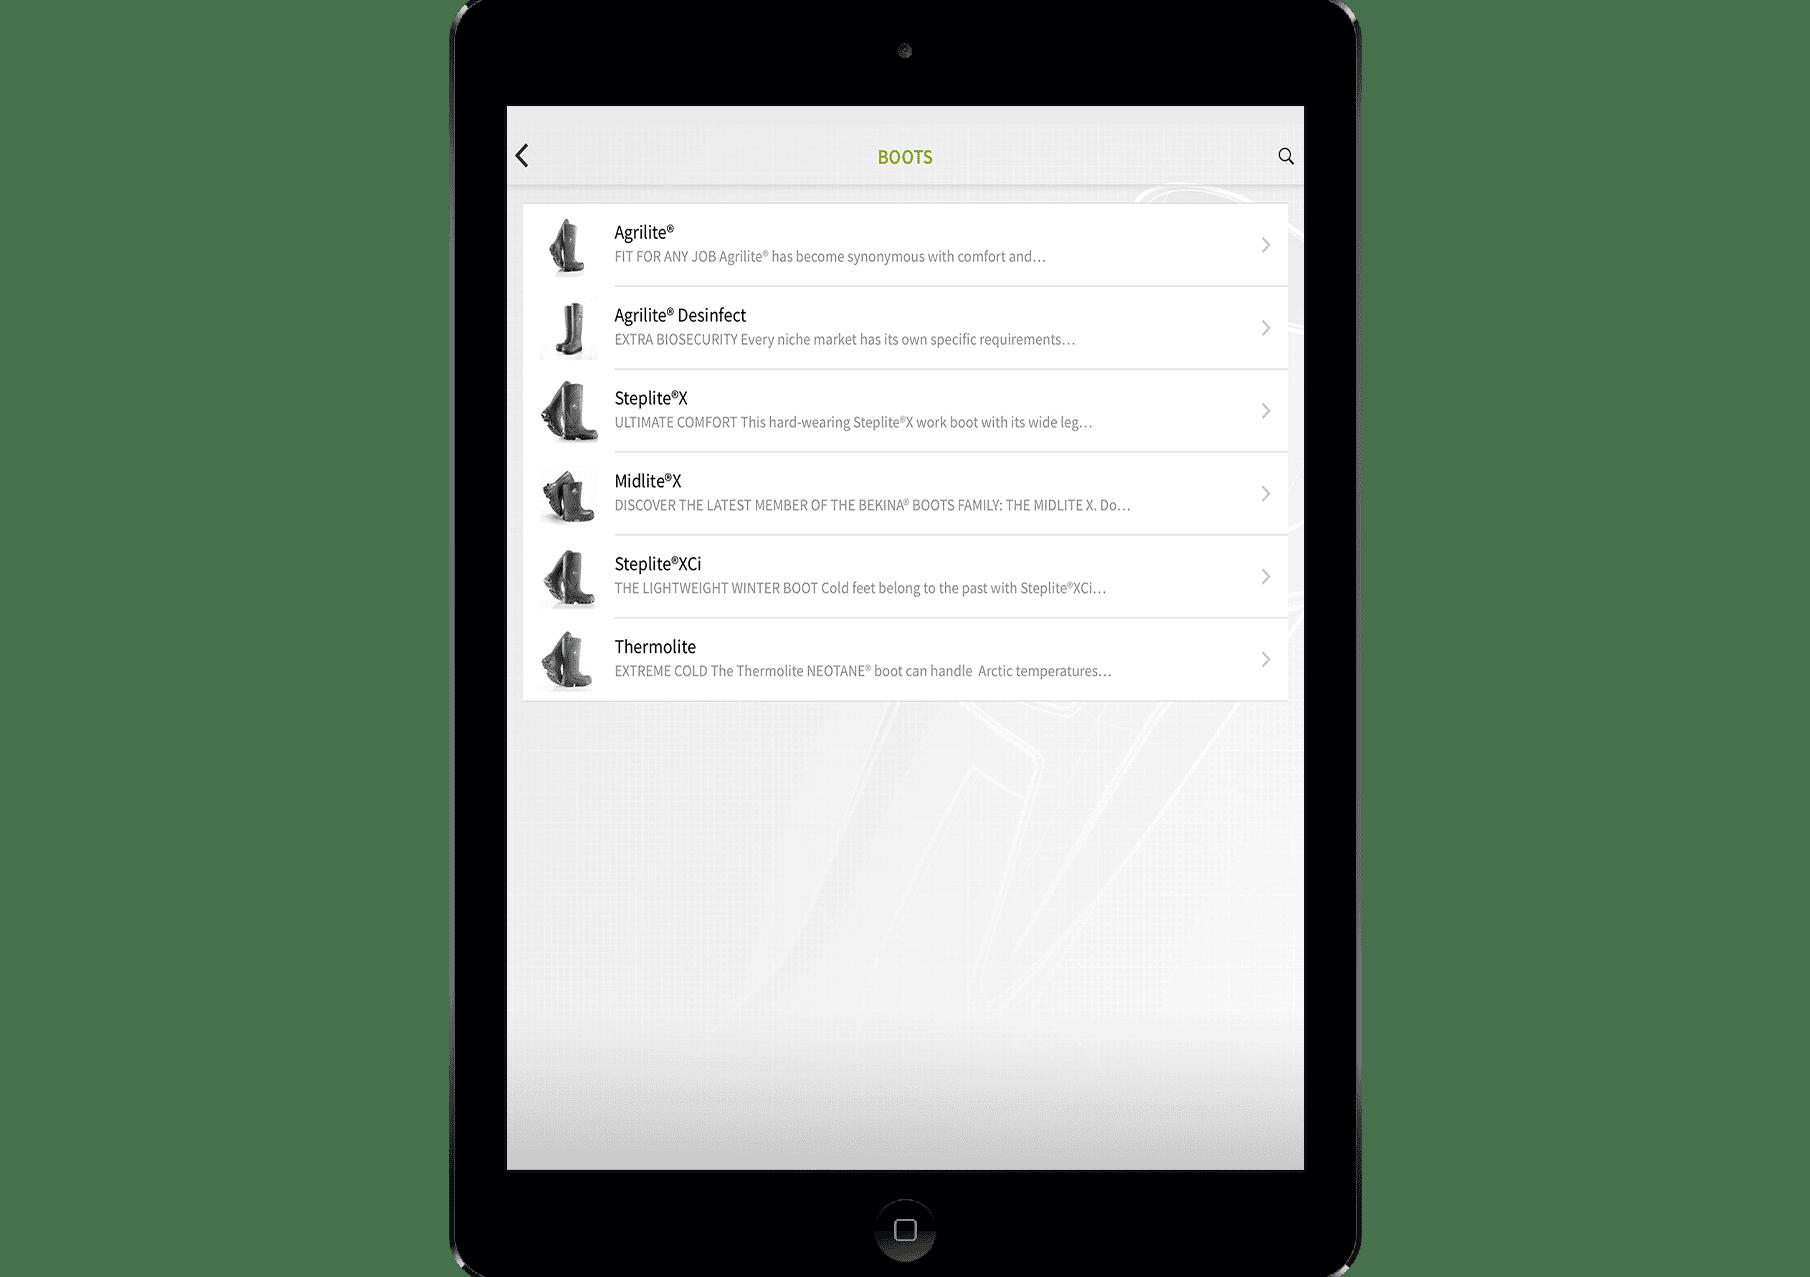 store locator app voor bekina boots